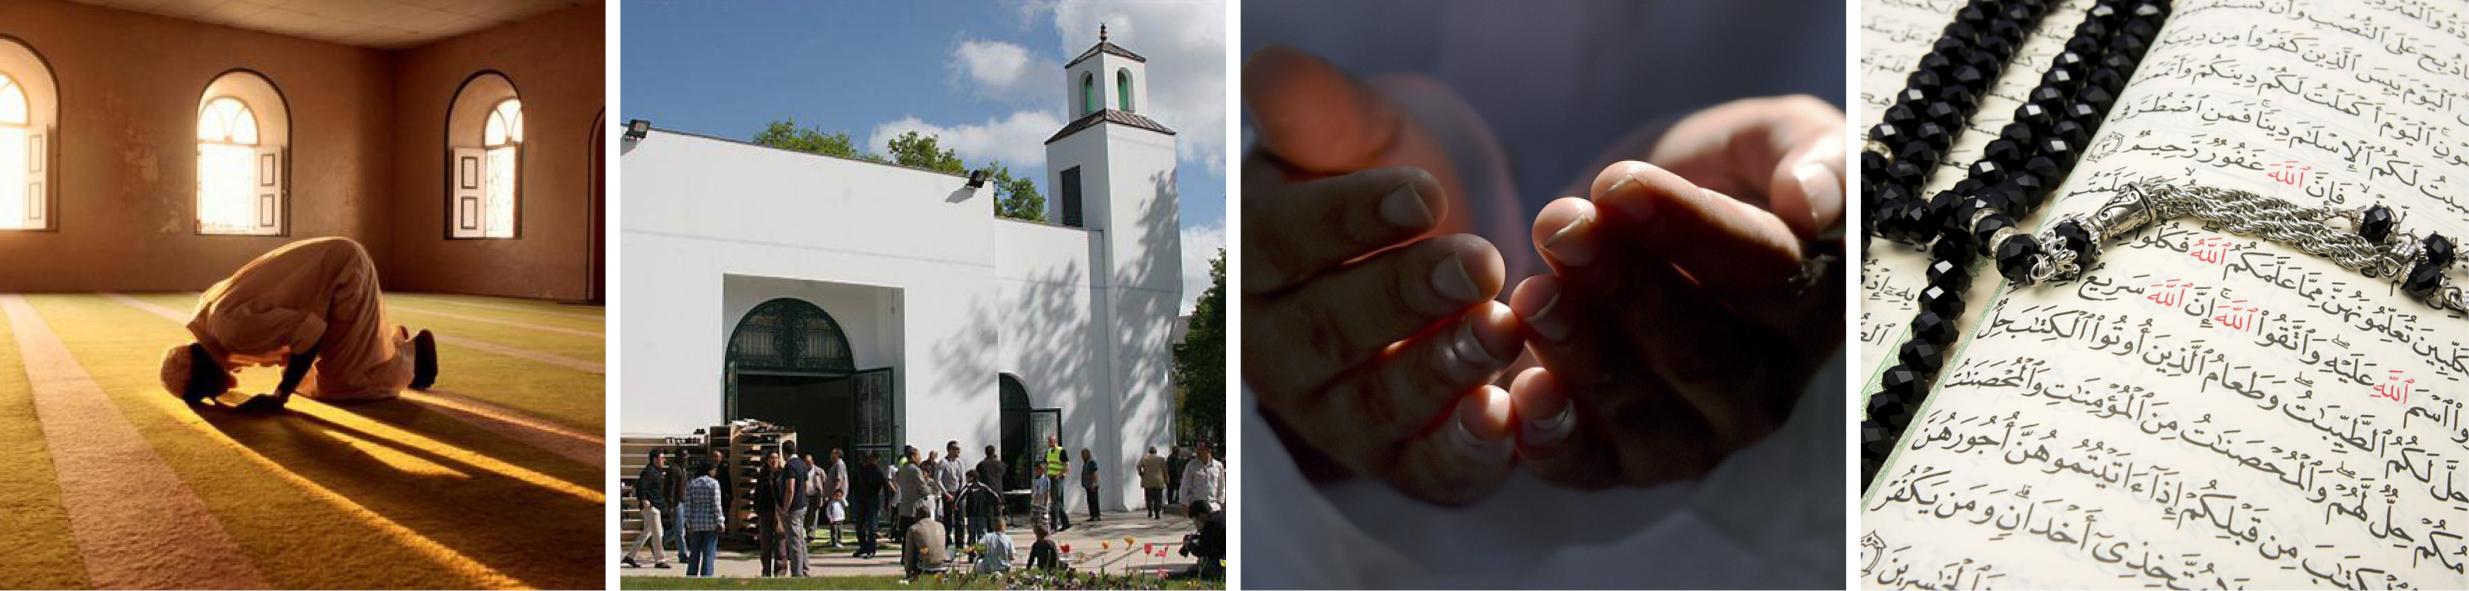 Bandeau - Islam.jpg